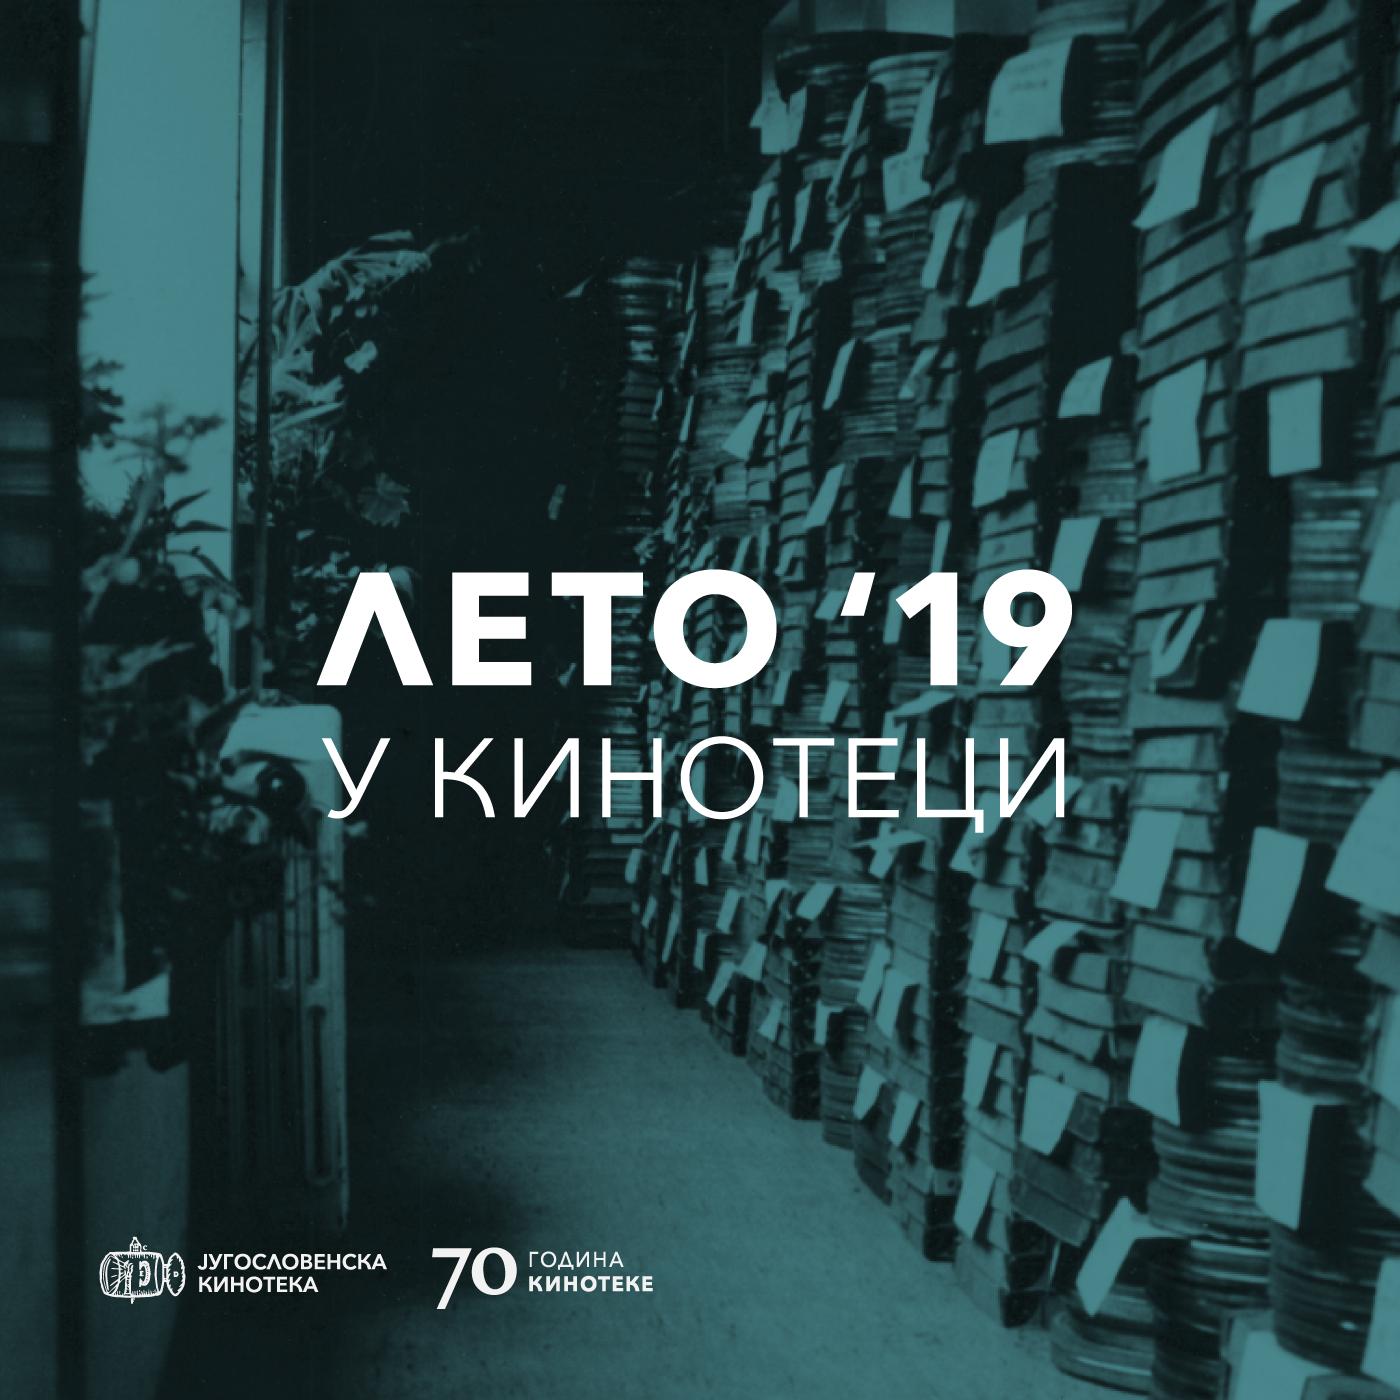 insta-najava-za-leto-2019